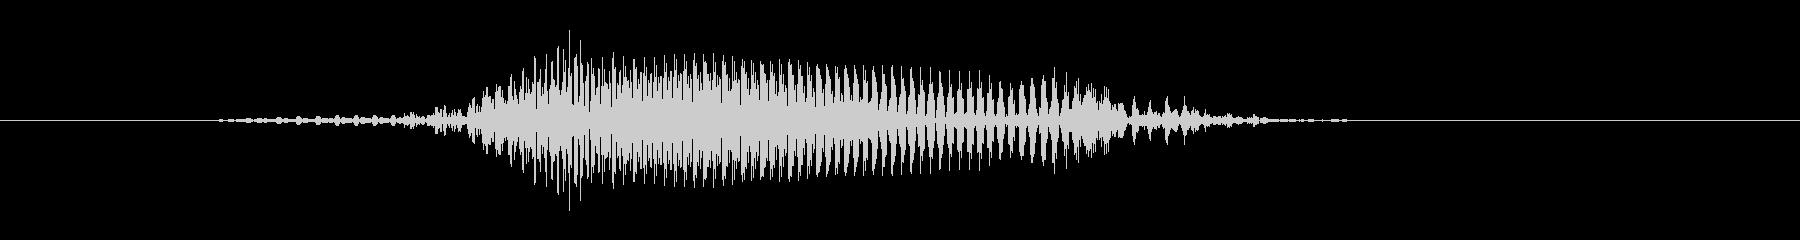 5(ご)-明るいトーンお兄さん風の未再生の波形